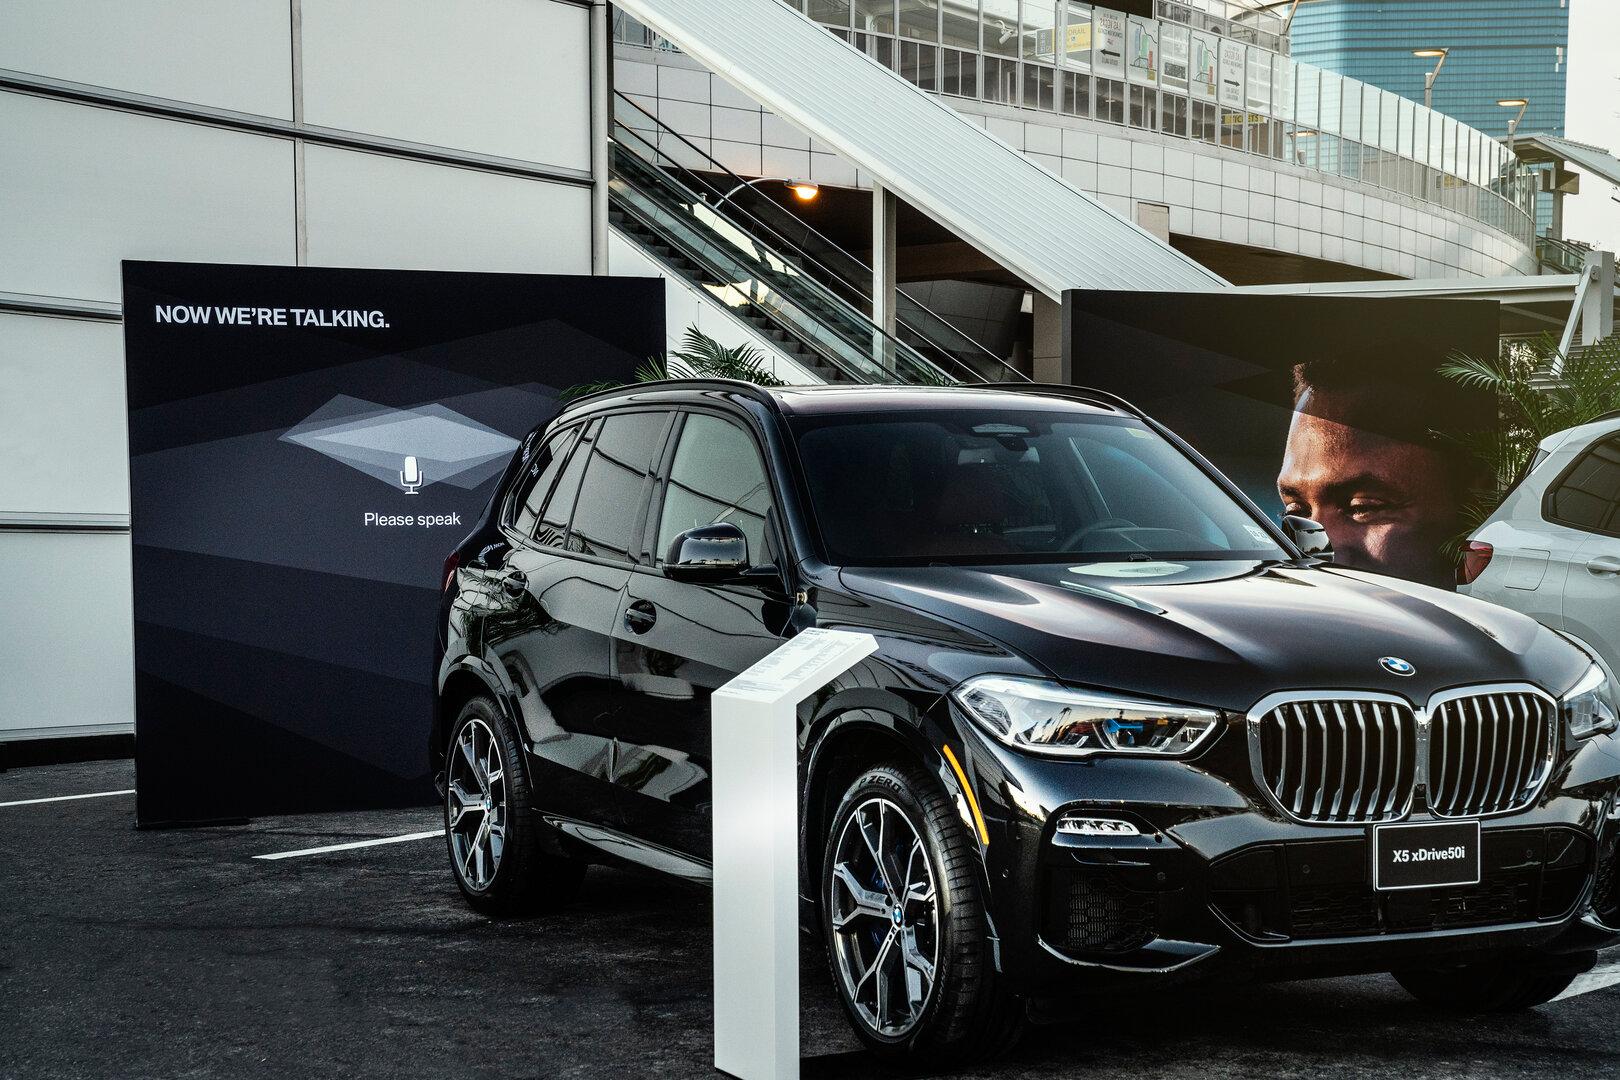 Den BMW Intelligent Personal Assistant gibt es zum Beispiel im neuen X5